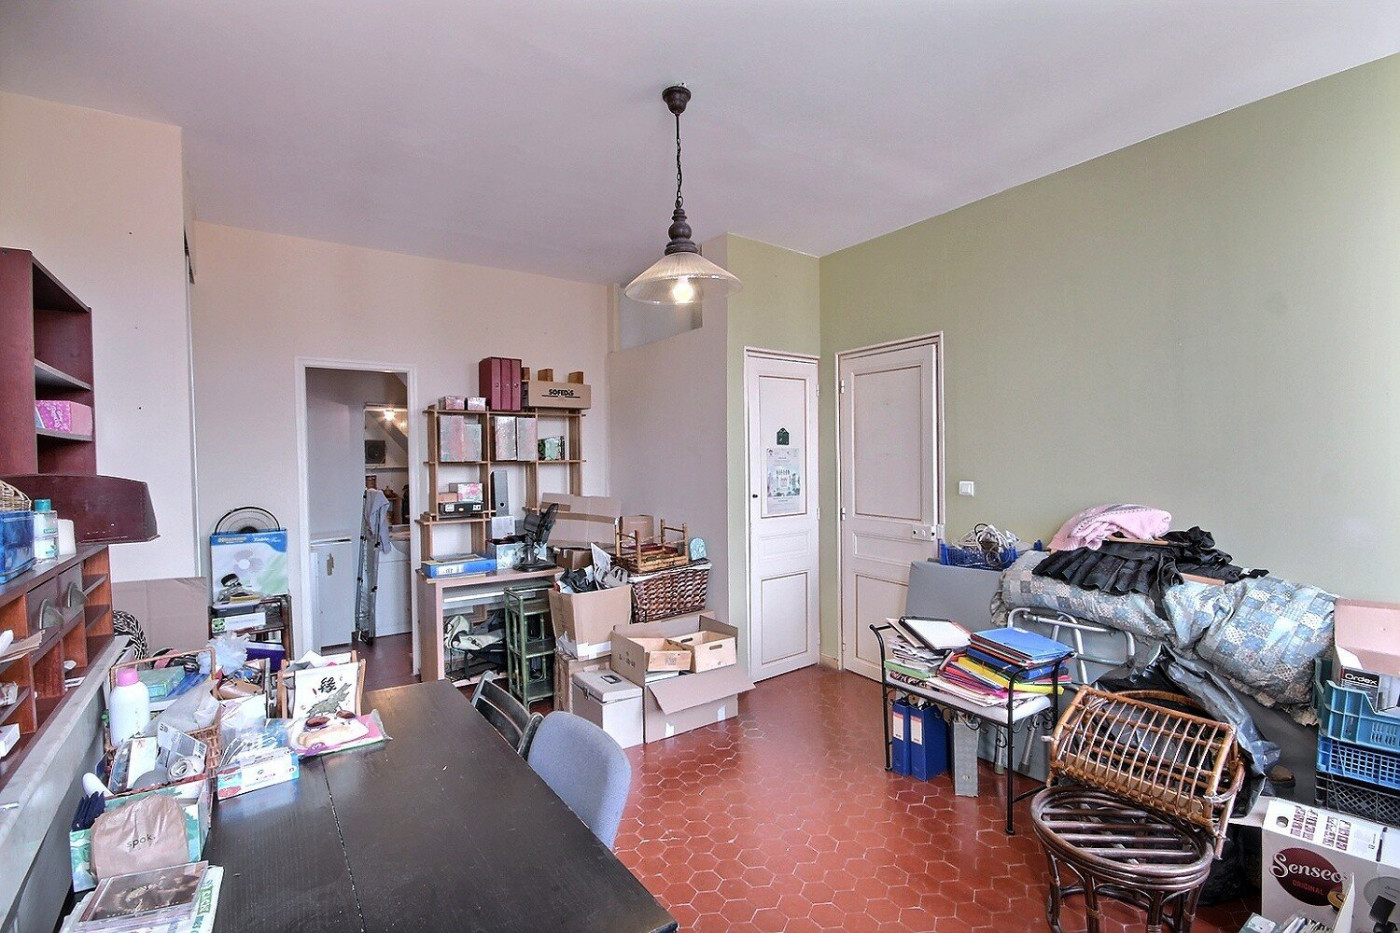 A vendre  Marseille 5eme Arrondissement   Réf 130251046 - J daher immobilier